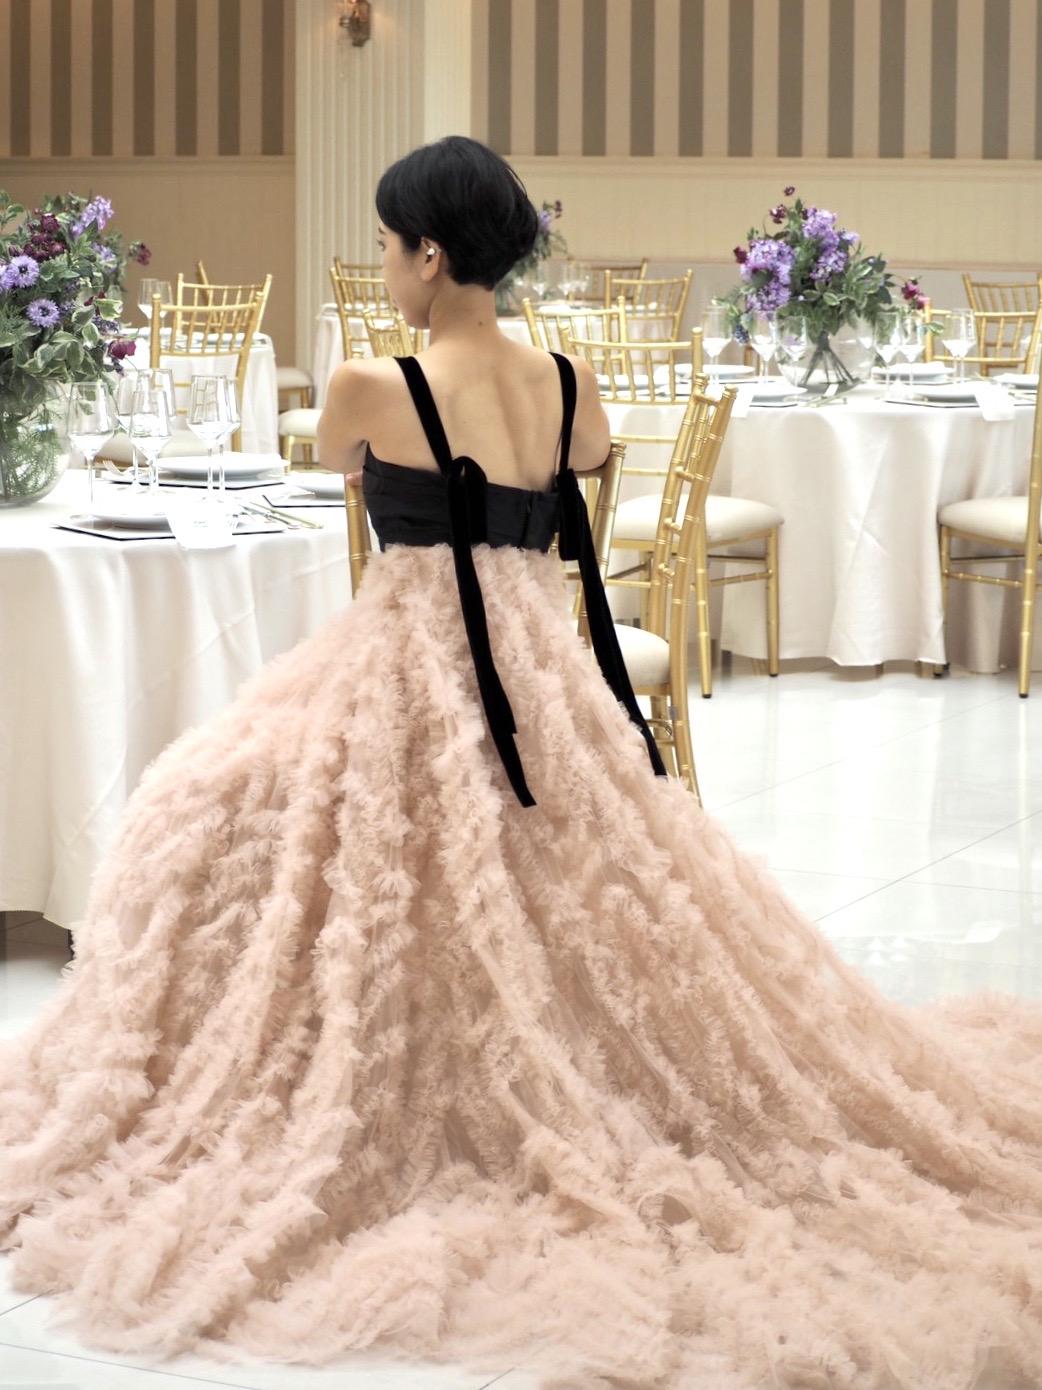 ザ・トリート・ドレッシング神戸店が提携する北野クラブ・ソラのグレース・ヴィラにおすすめのトリート・メゾンのカラードレスのご紹介